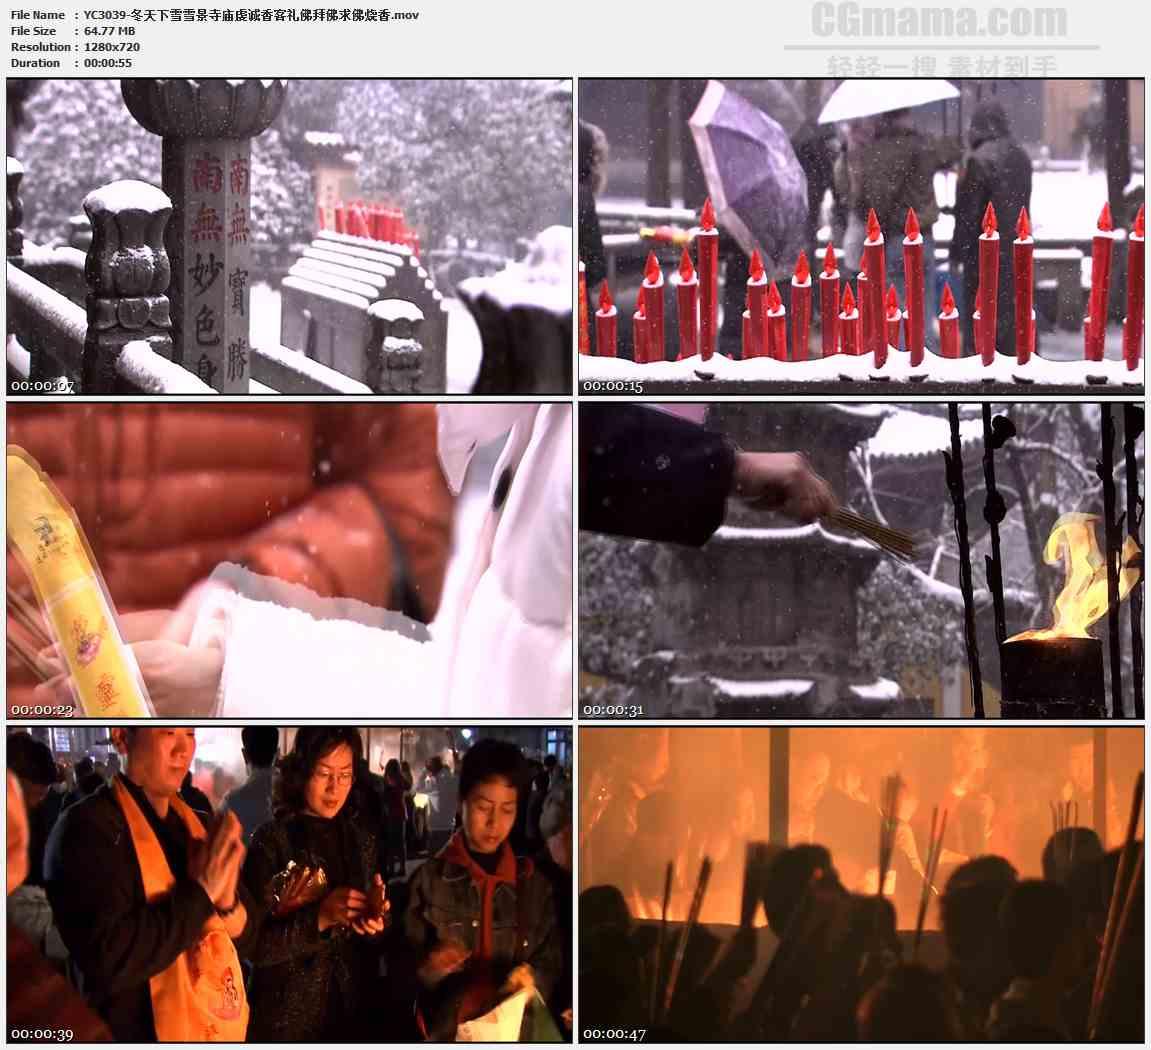 YC3039-冬天下雪雪景寺庙虔诚香客礼佛拜佛求佛烧香高清实拍视频素材